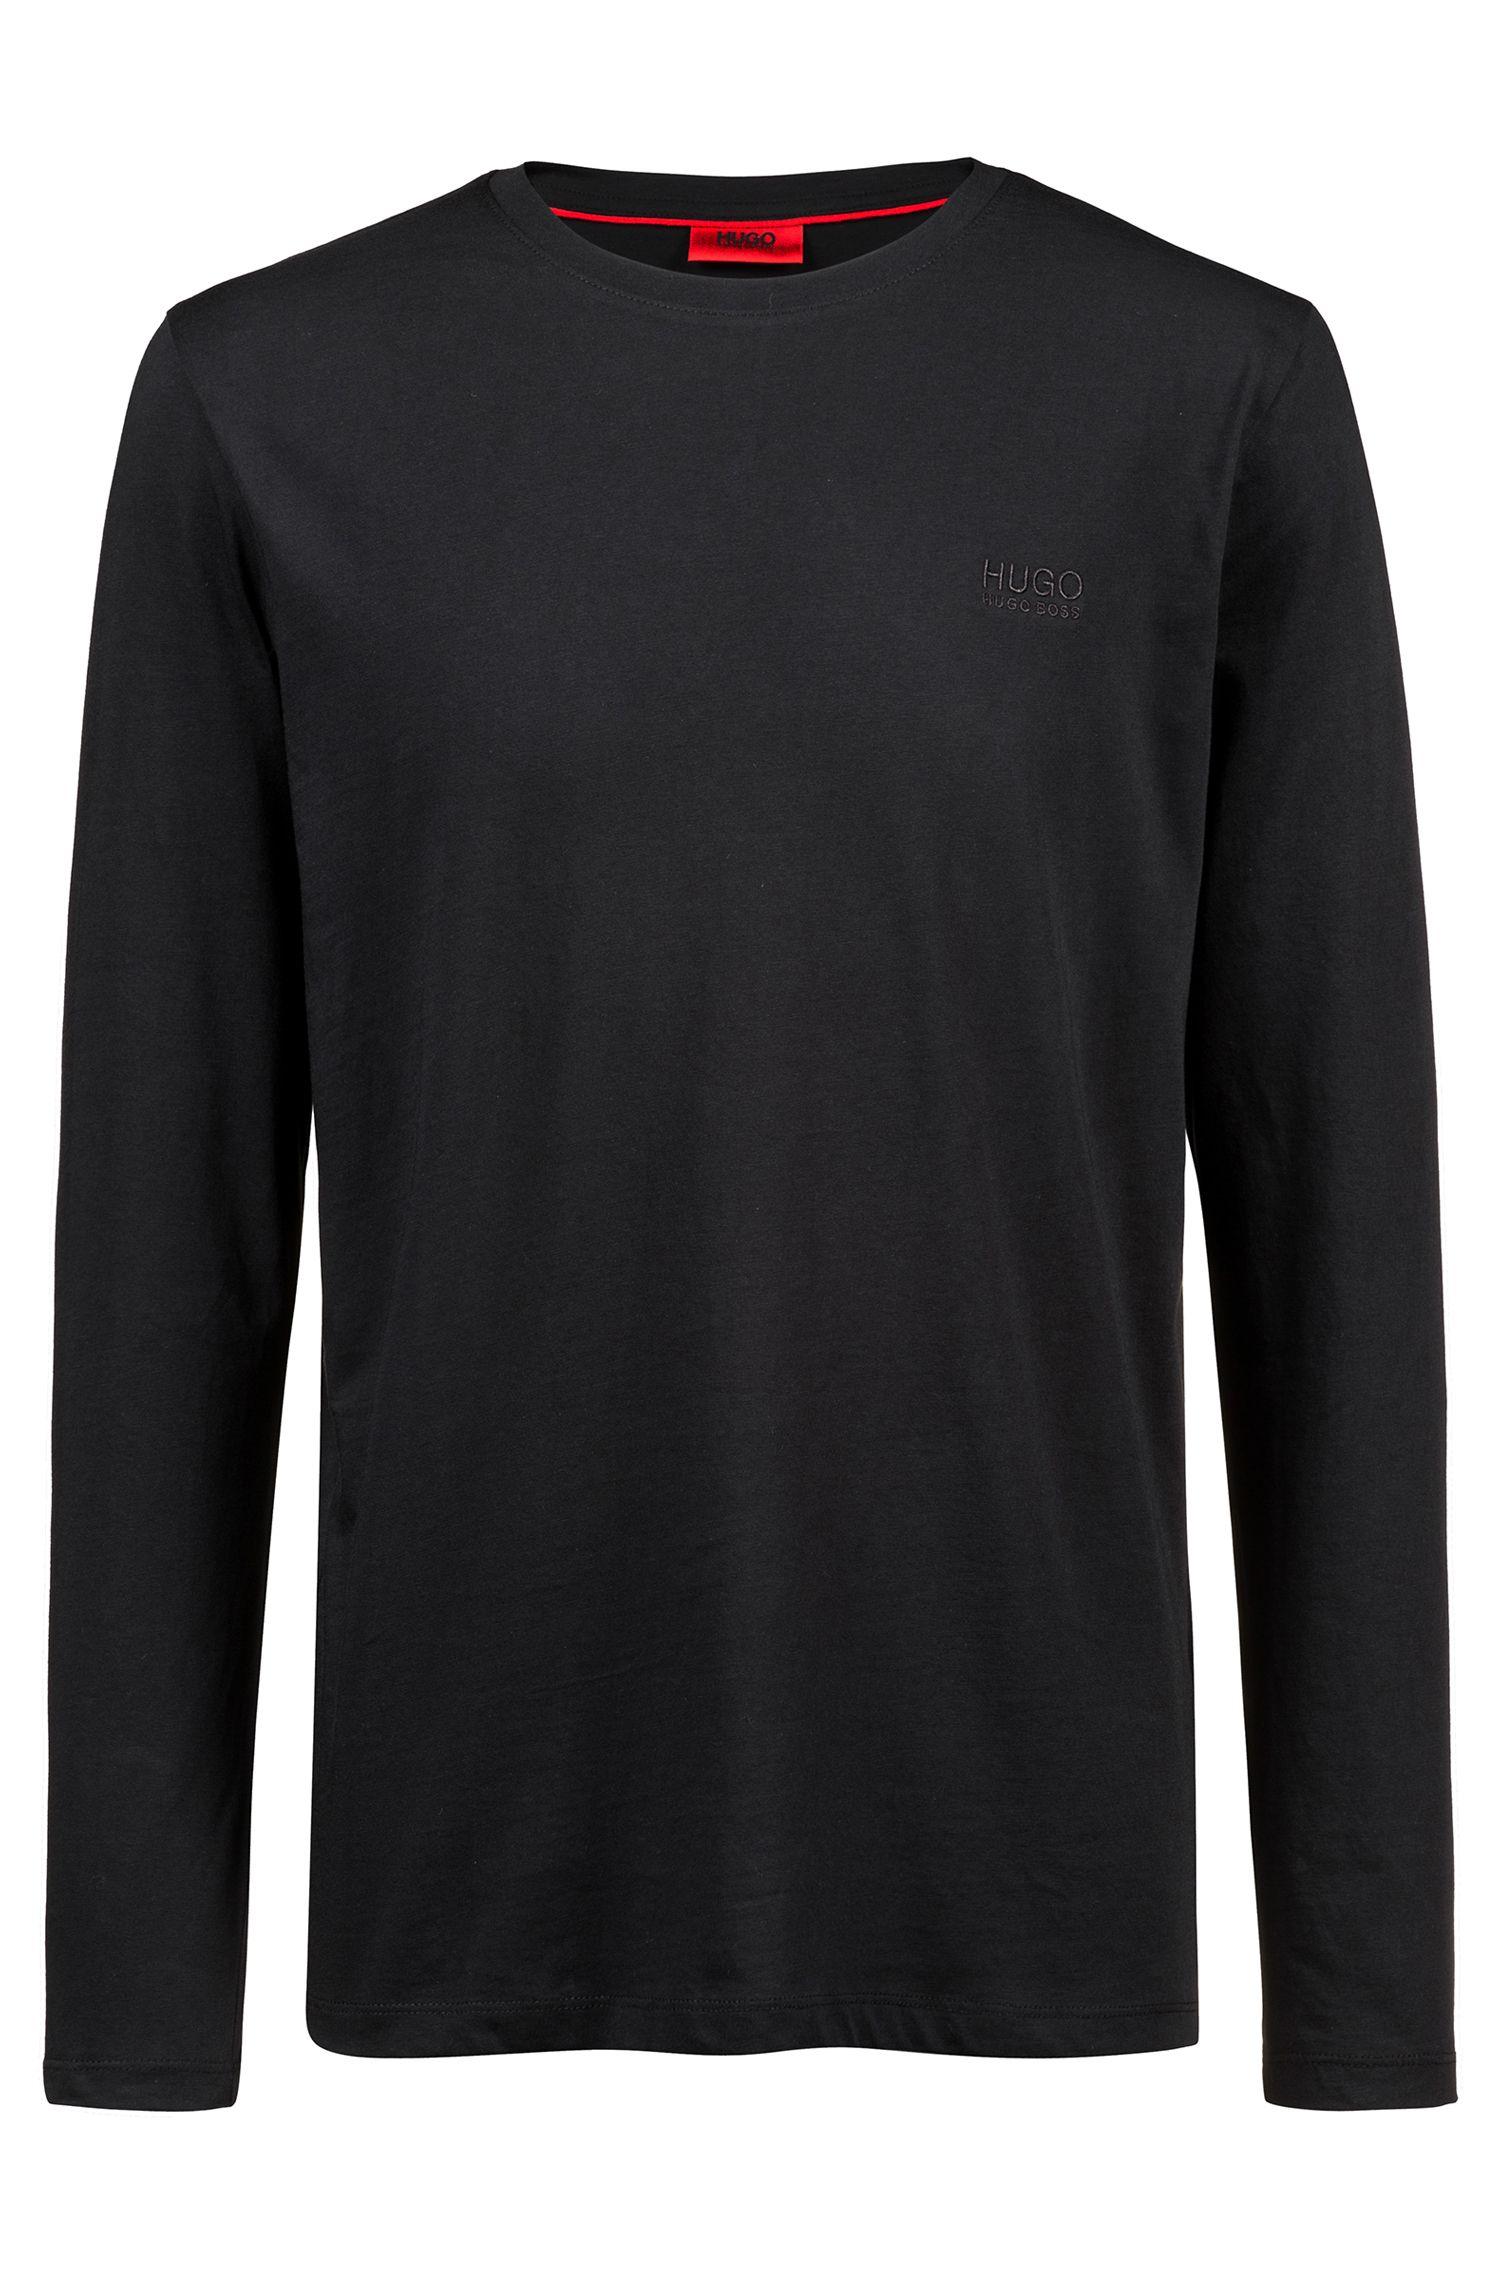 Katoenen sweater met logo op de linkerborst